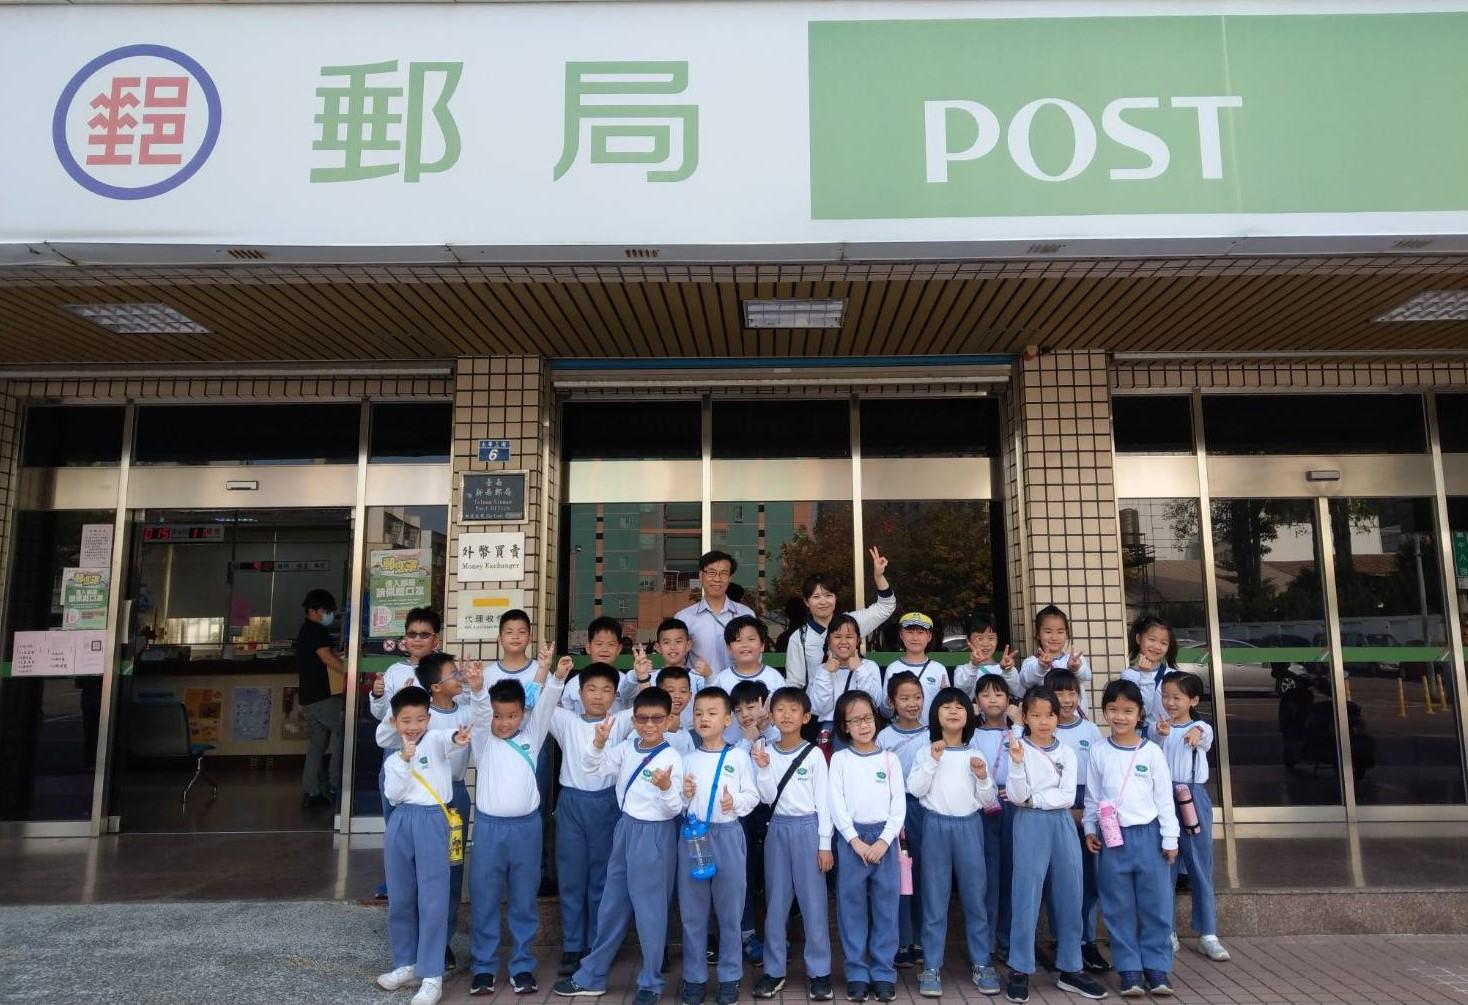 臺南市私立慈濟高中國小部參觀新南郵局